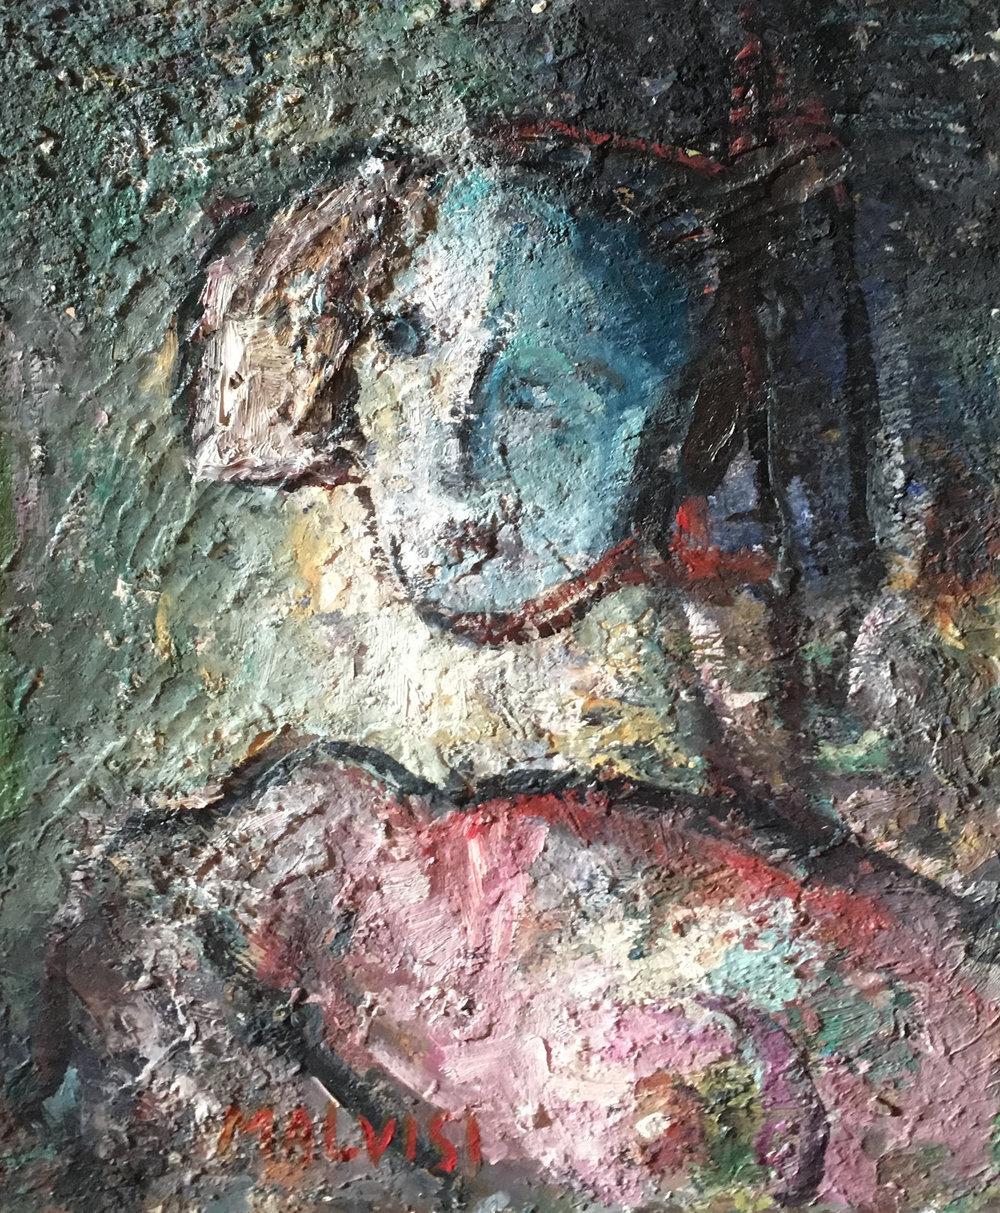 <b>Brave woman</b><br> (Orig.Donna coraggiosa) <br> 1992 Oil on wood <br> cm 50 x 70